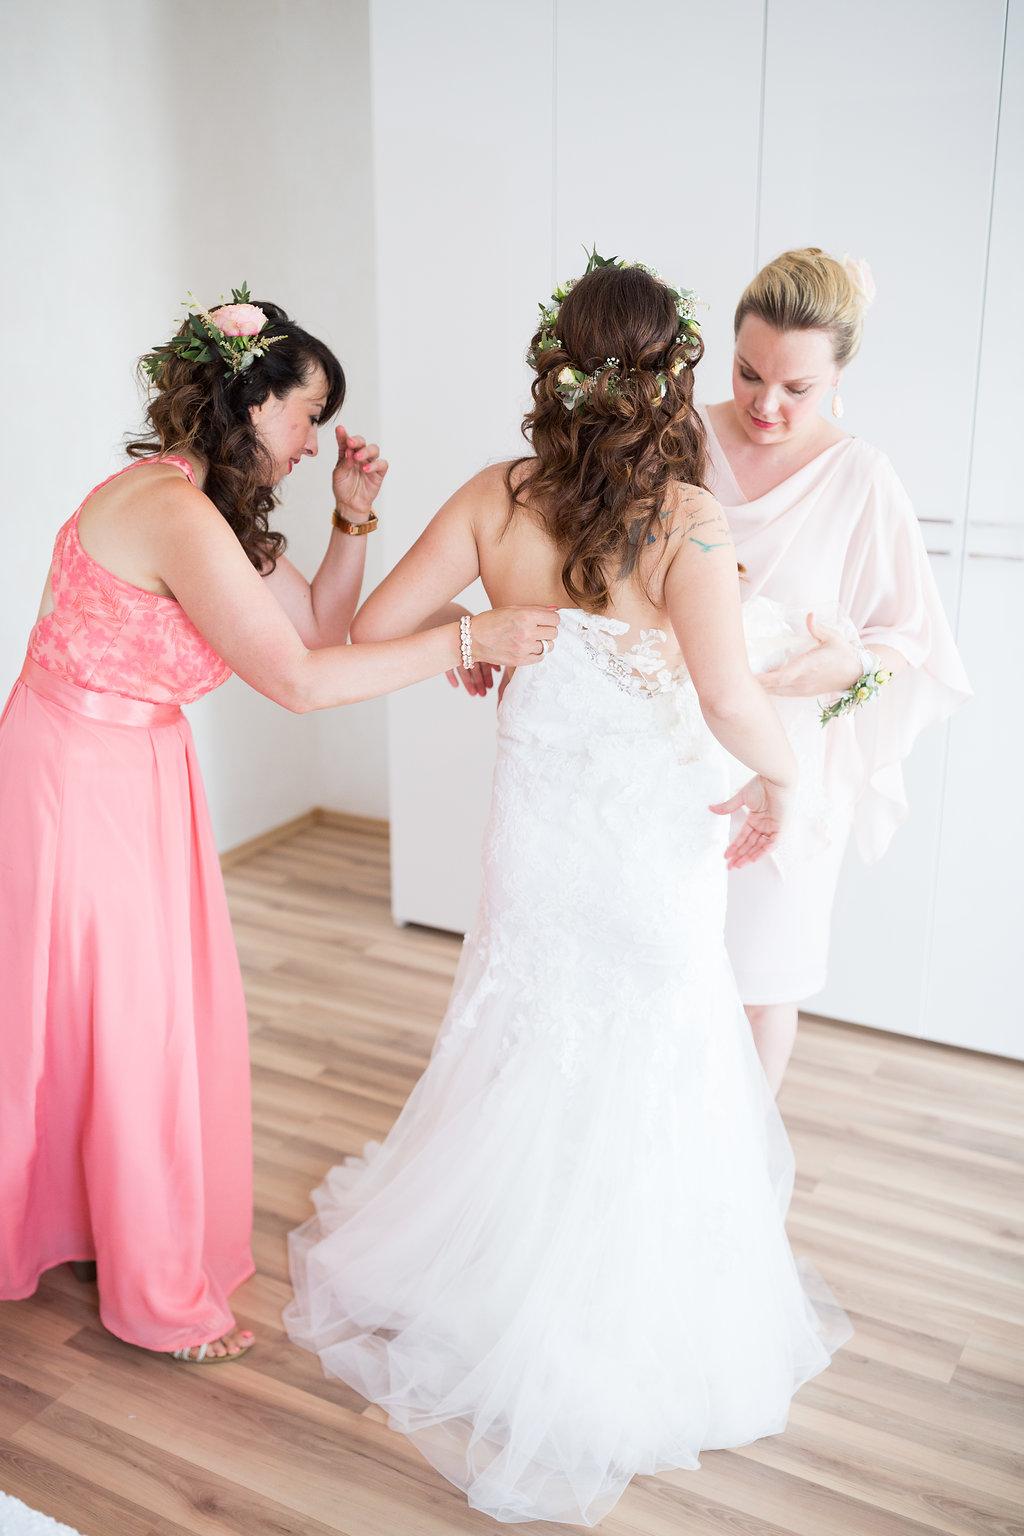 Brautjungfern helfen beim Getting Ready